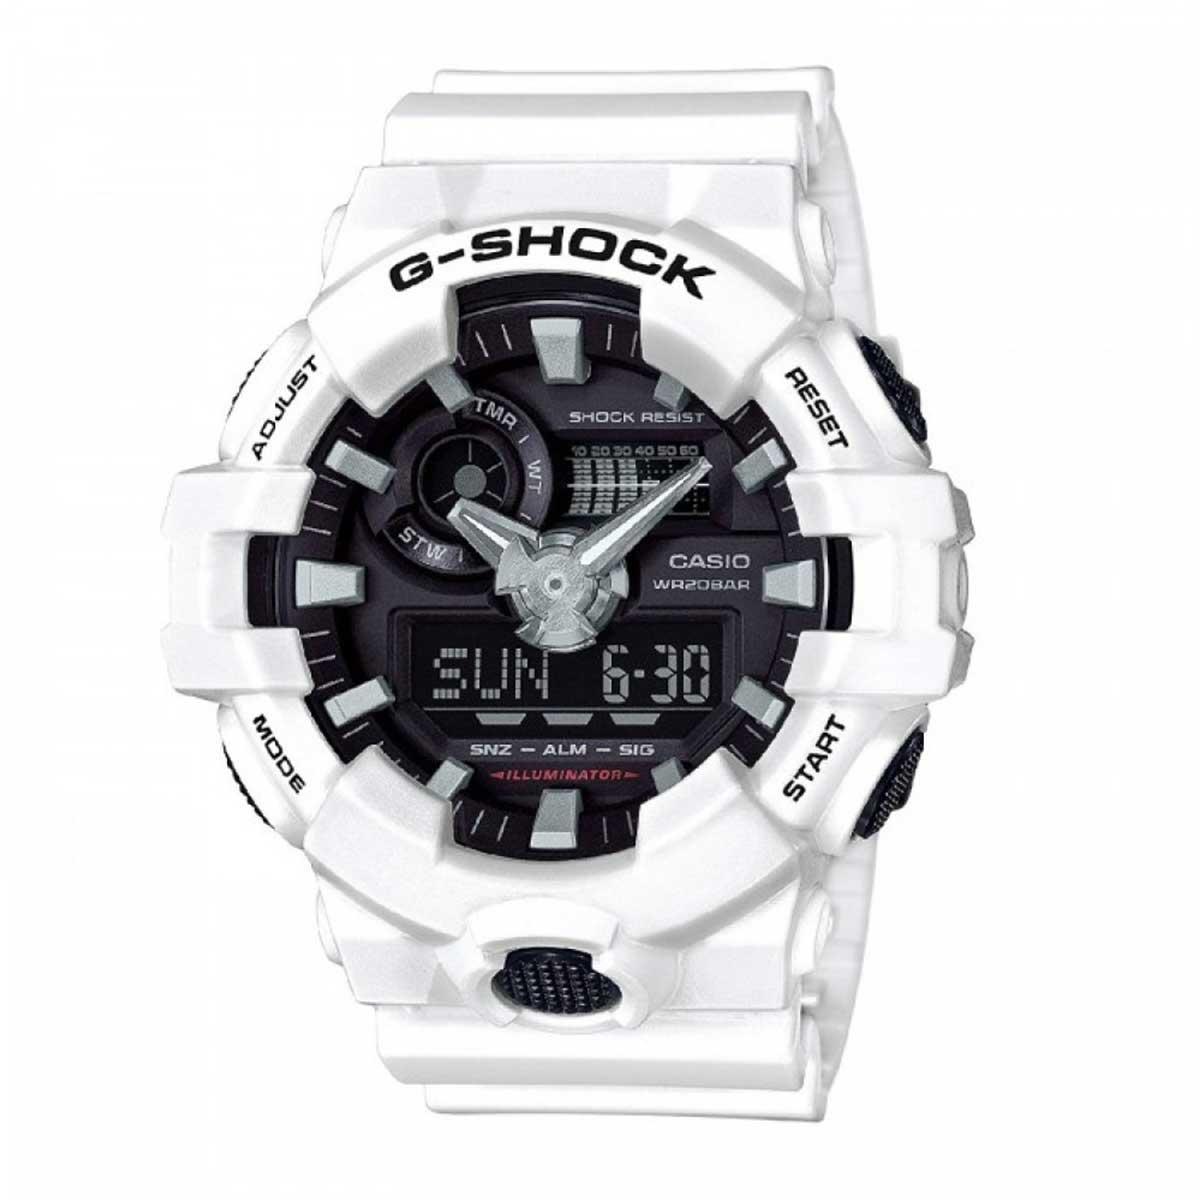 Relógio de Pulso Masculino Casio G-Shock GA-700-7ADR - Branco com Preto